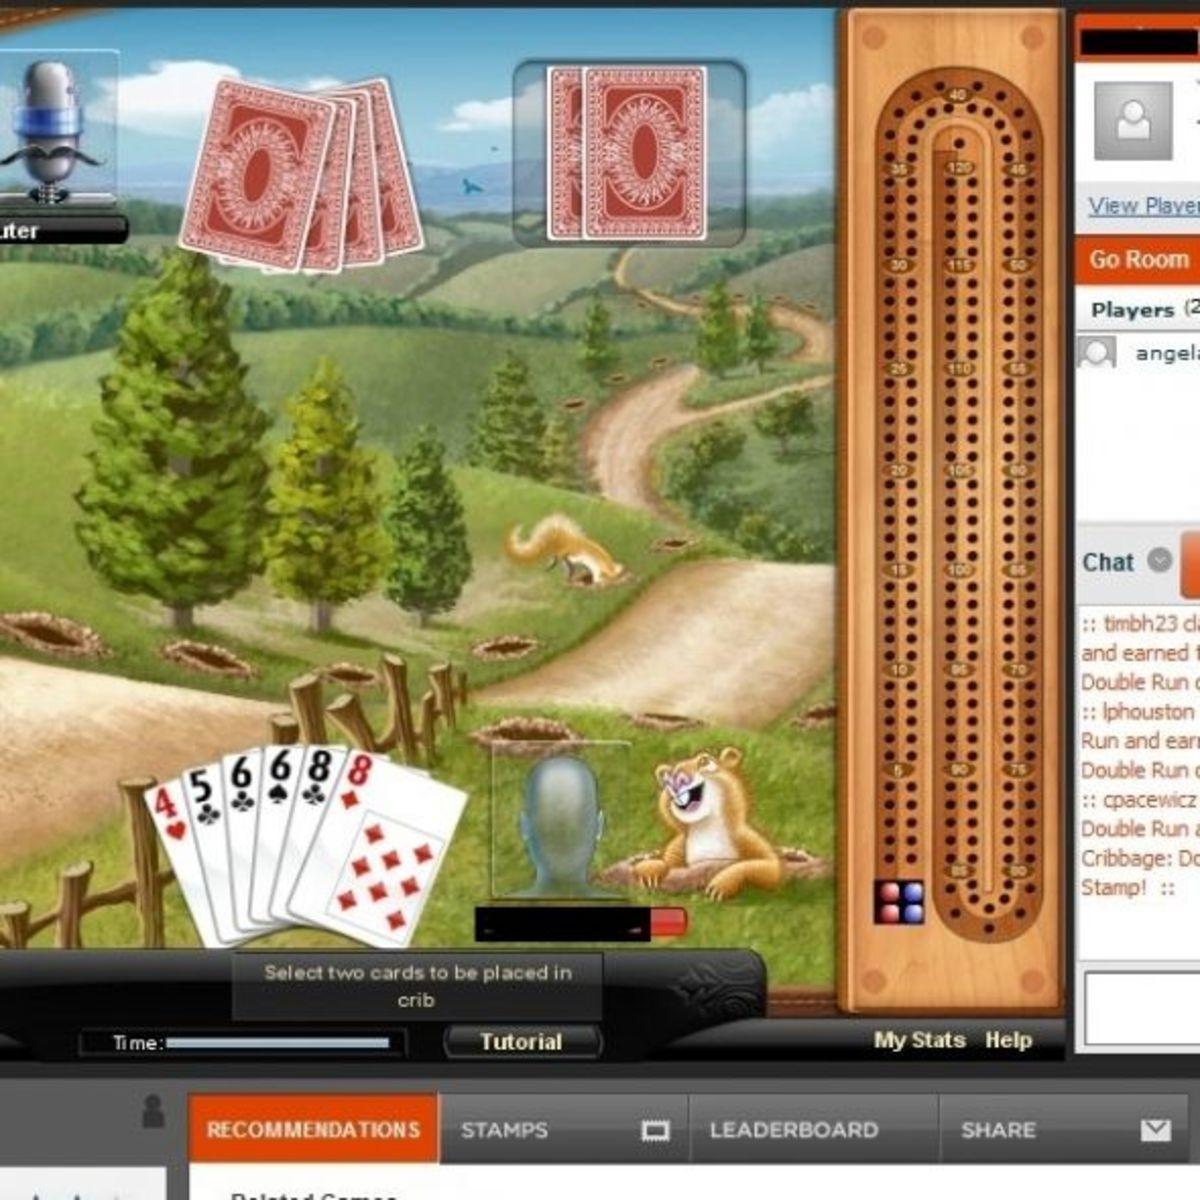 games.com